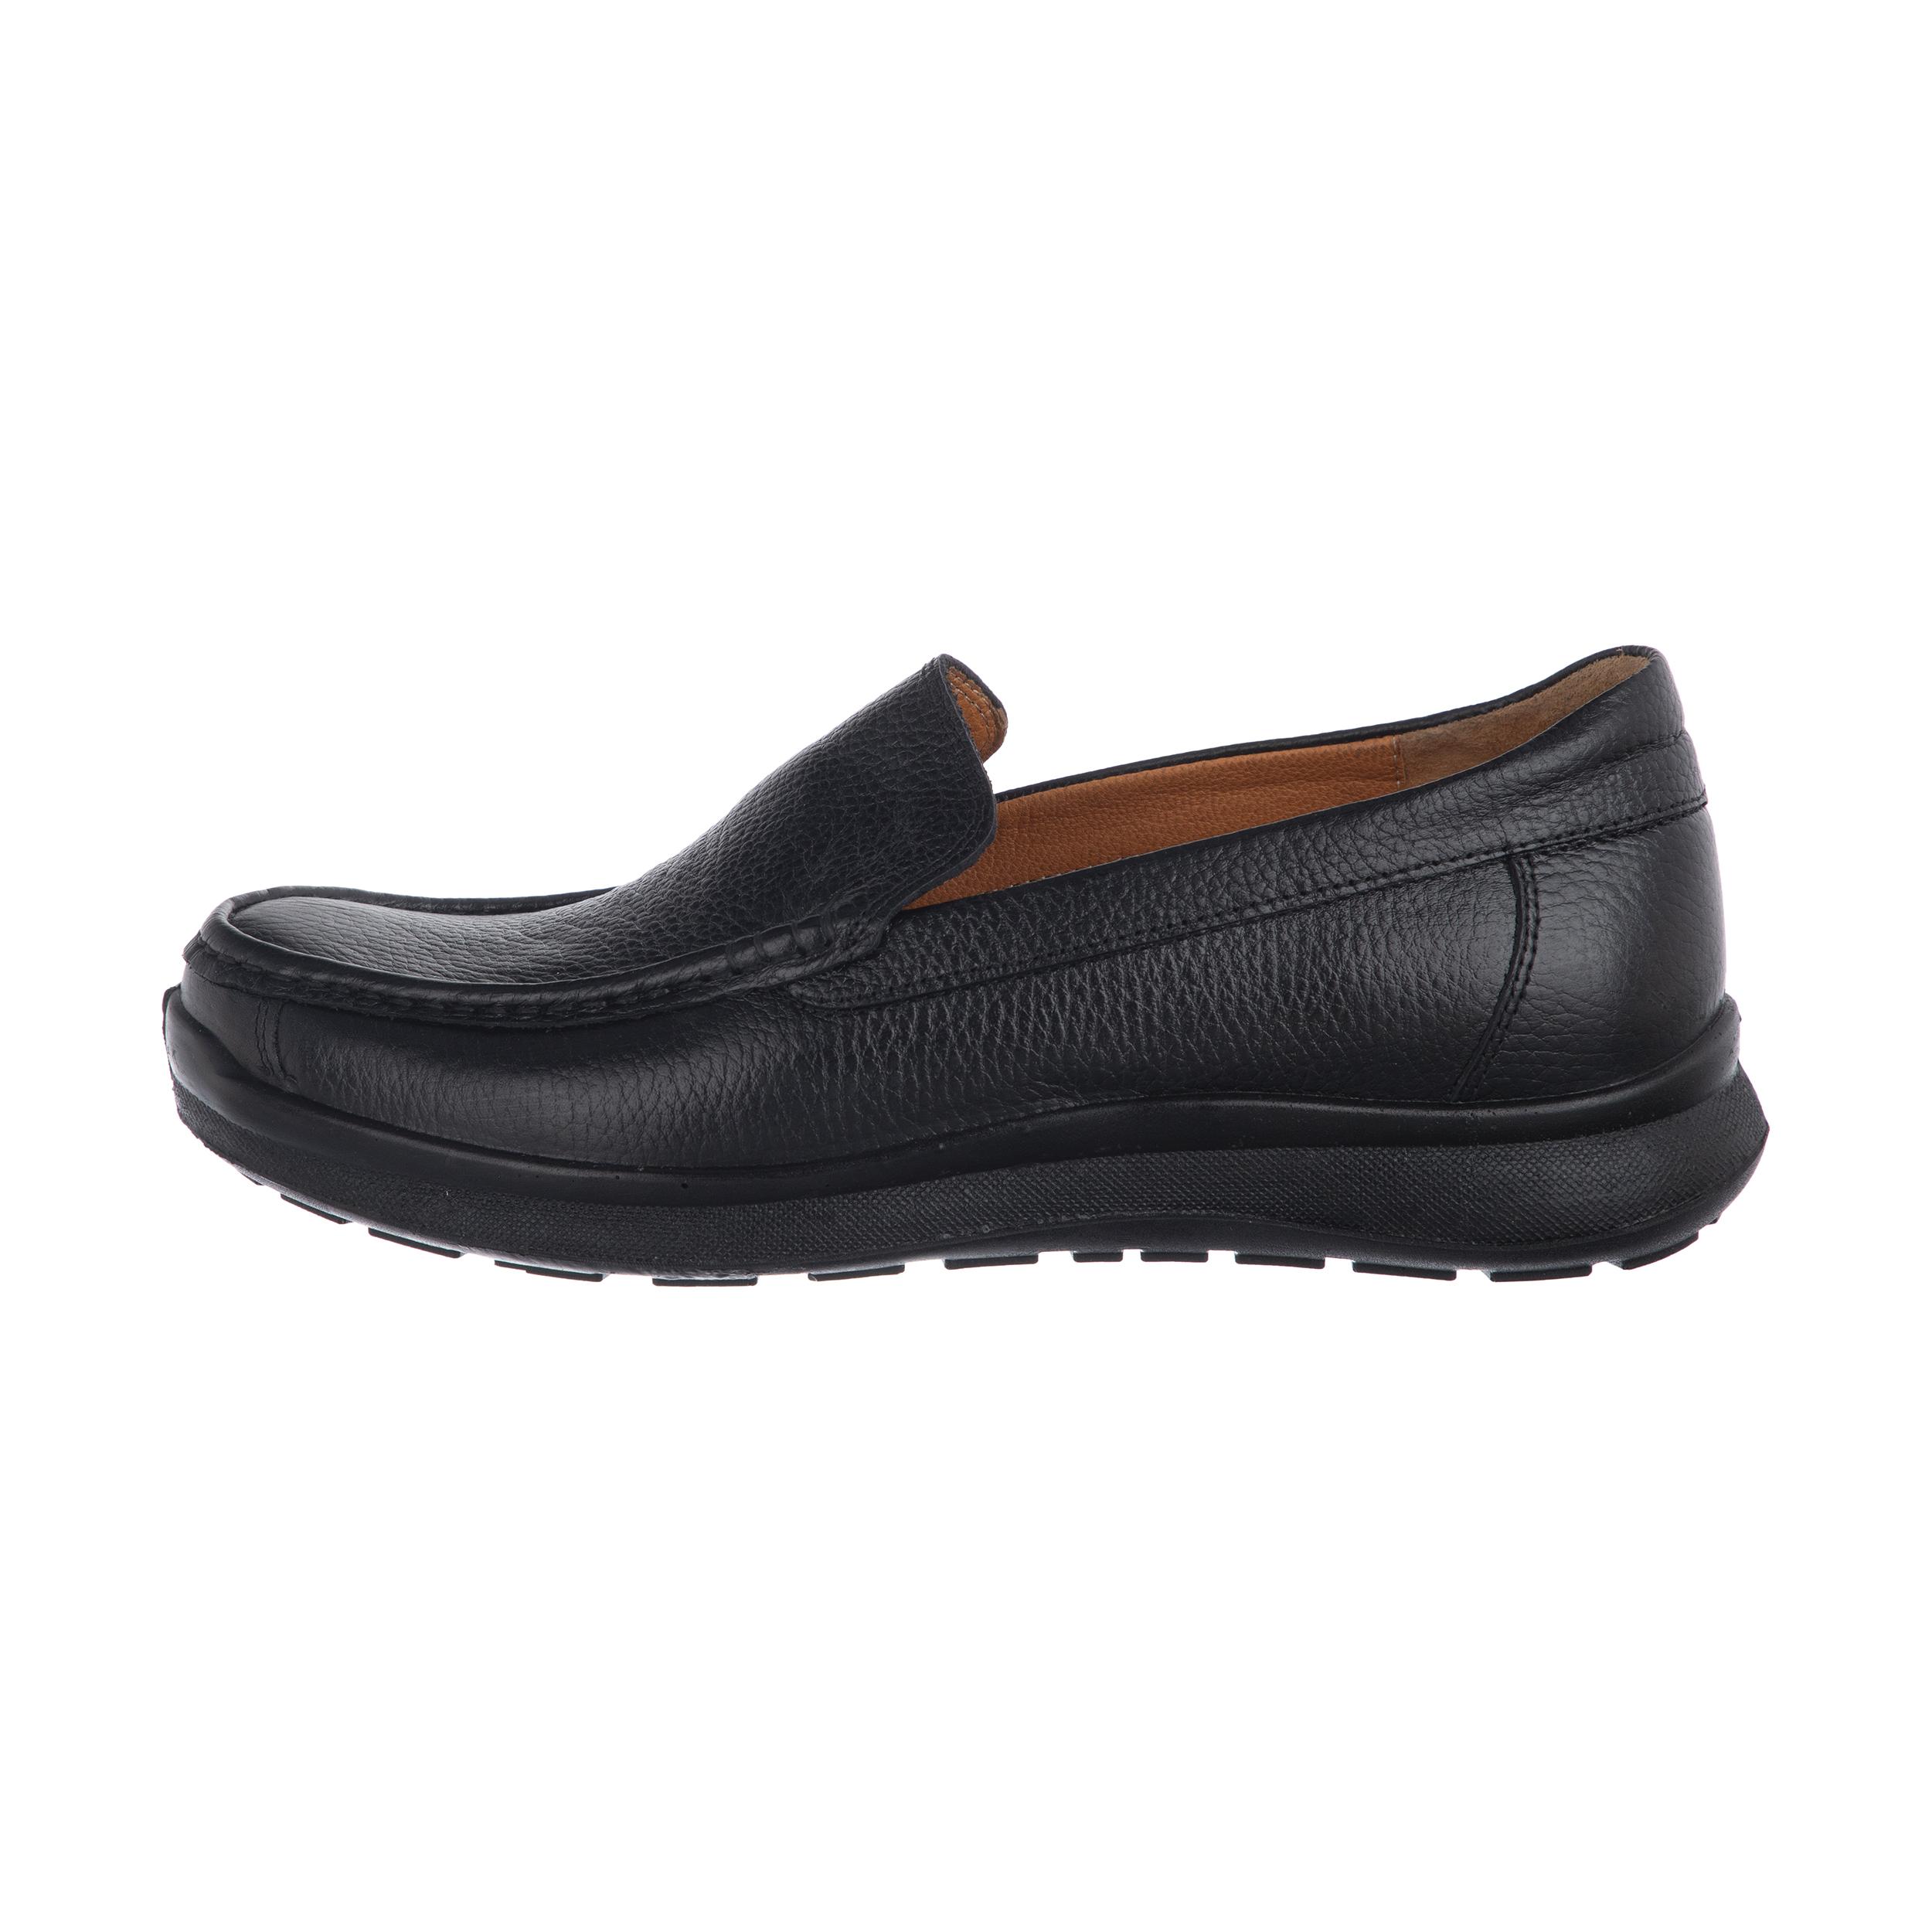 کفش روزمره مردانه آذر پلاس مدل 4403A503101